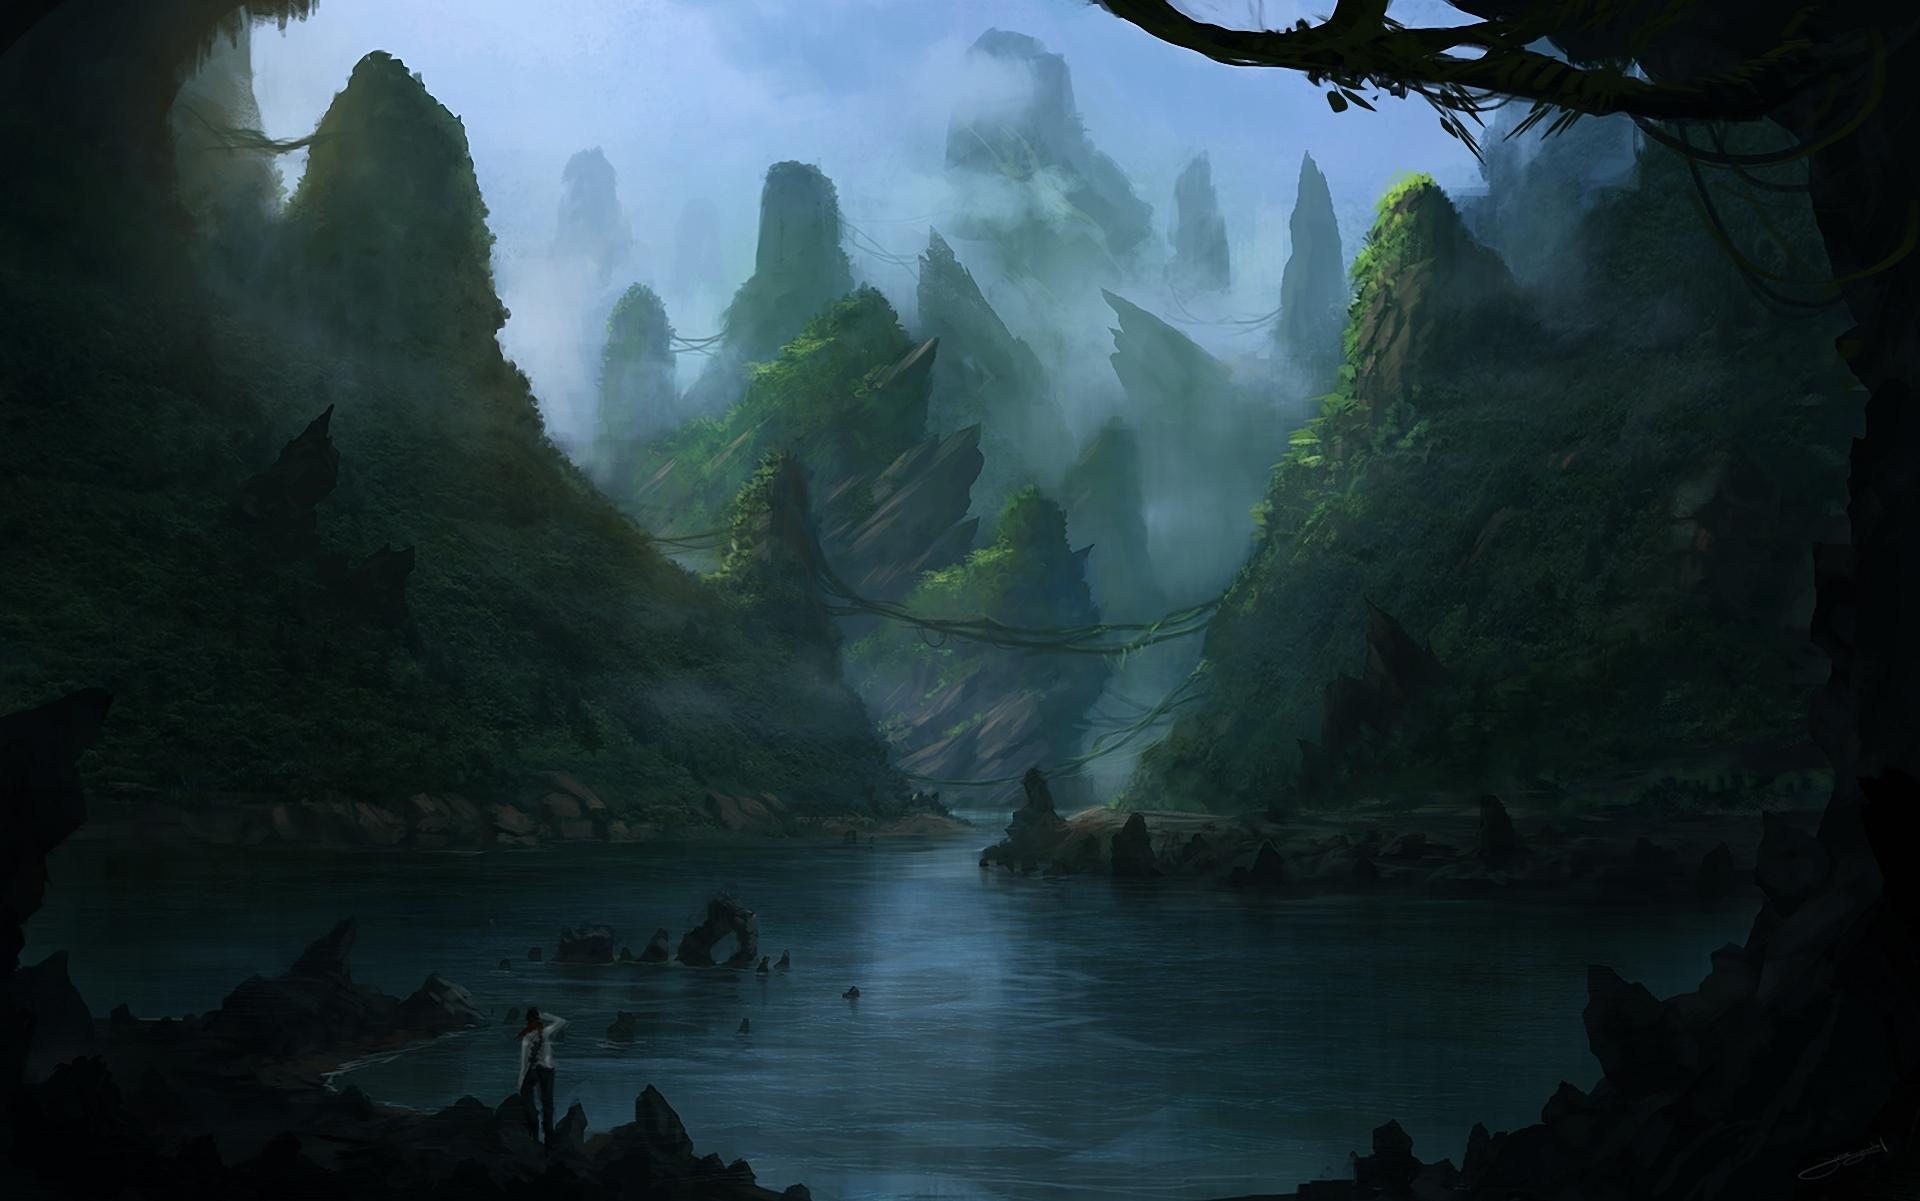 fantasy landscape wallpaper pictures - photo #15